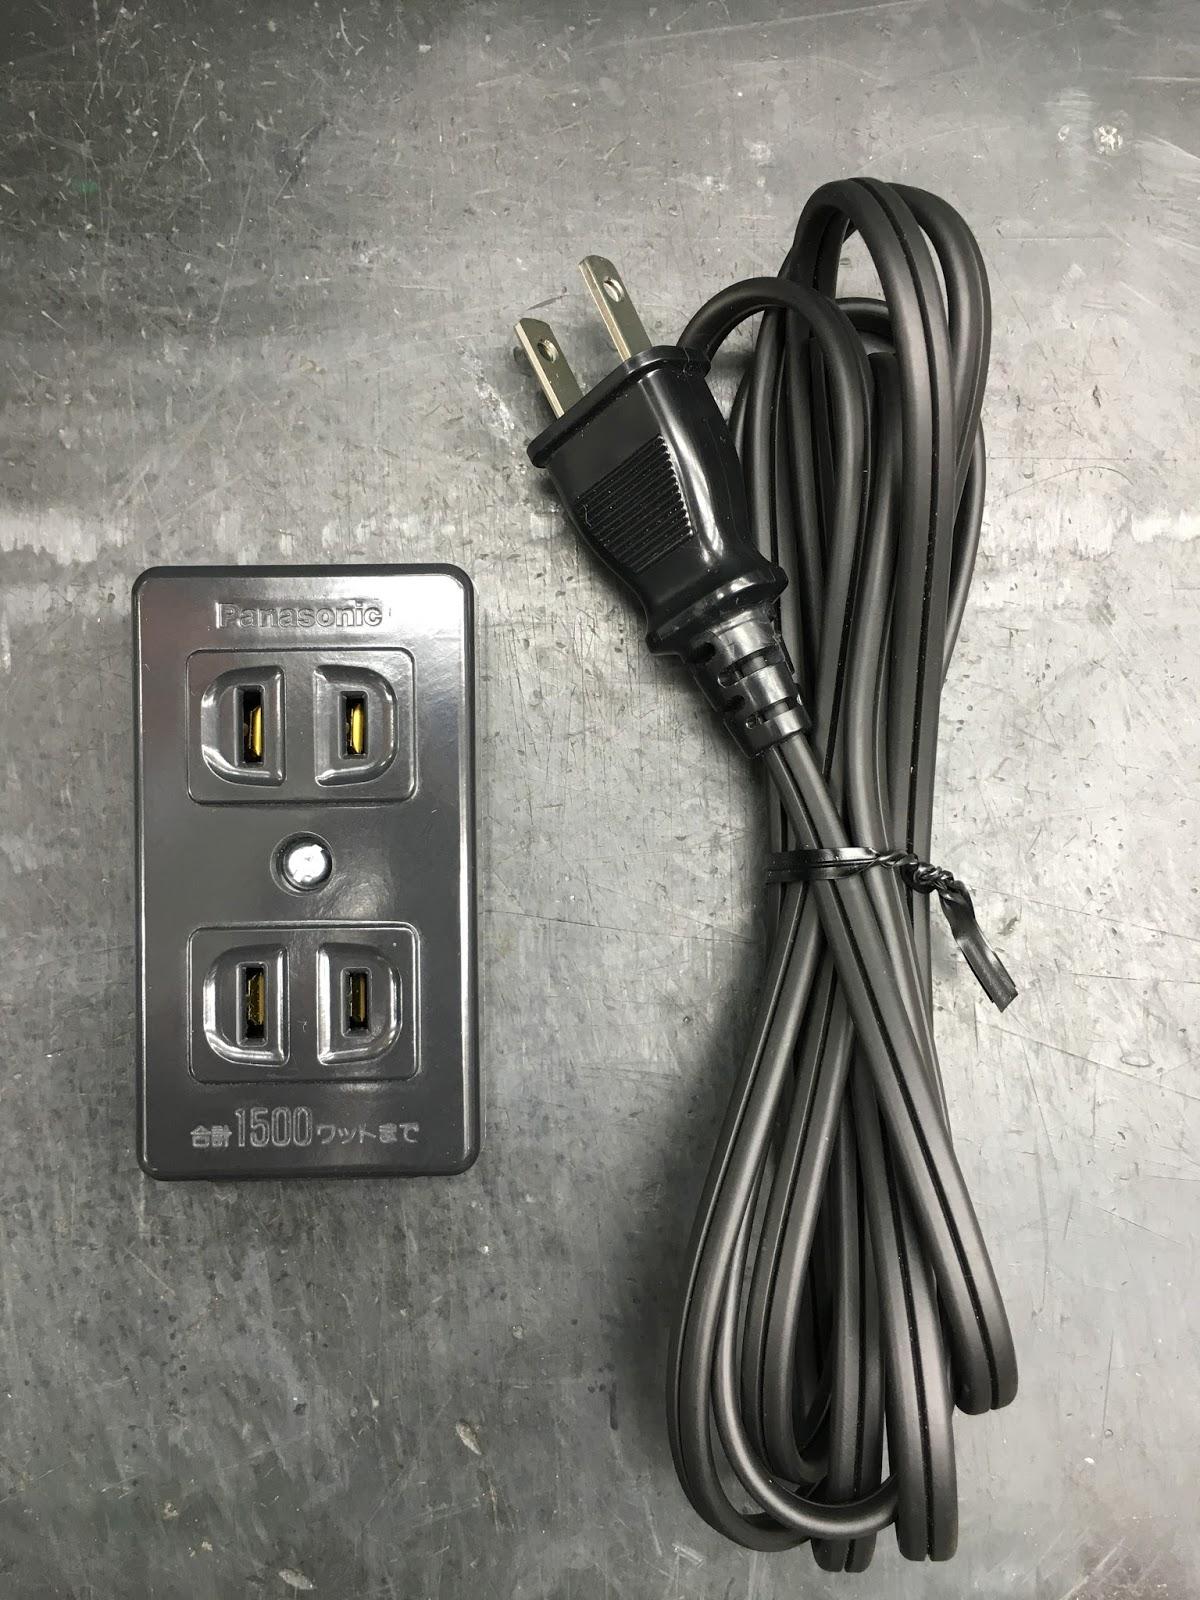 オヤイデ電気ショップブログ: お手軽、簡単!電源タップを自作編!